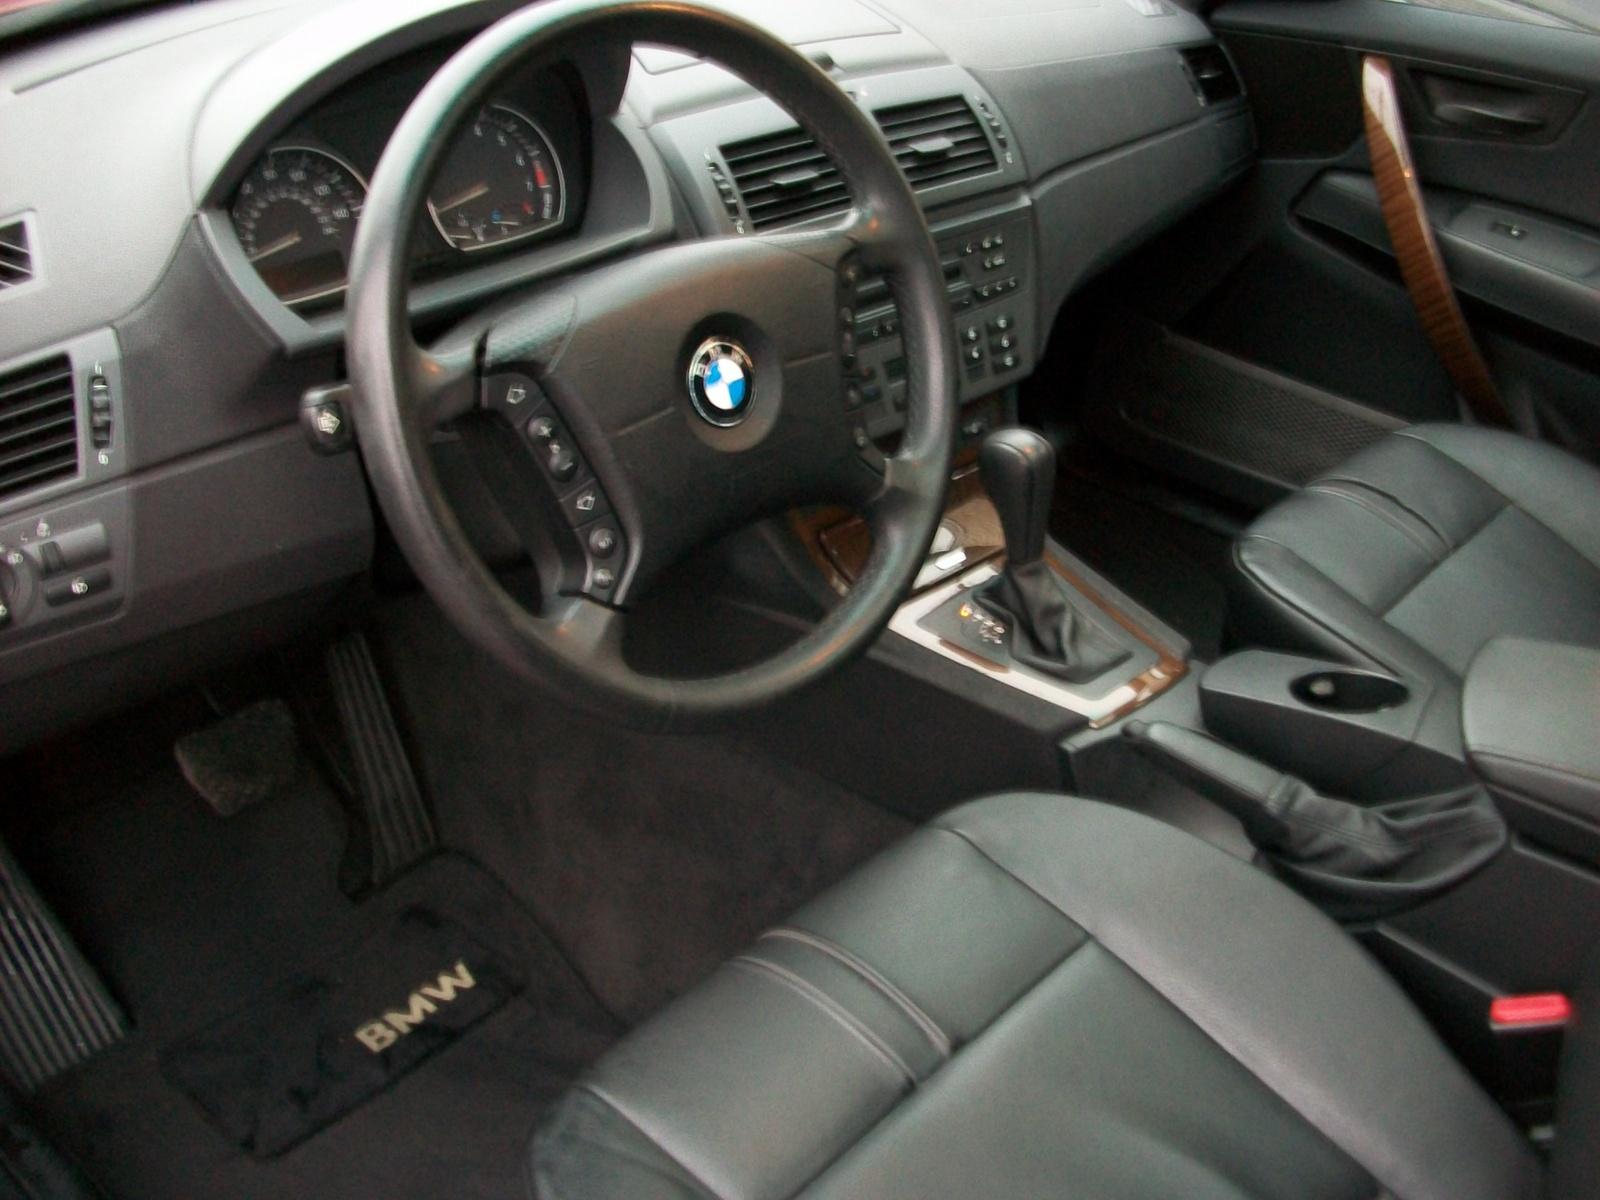 2004 Bmw X3 Interior Pictures Cargurus